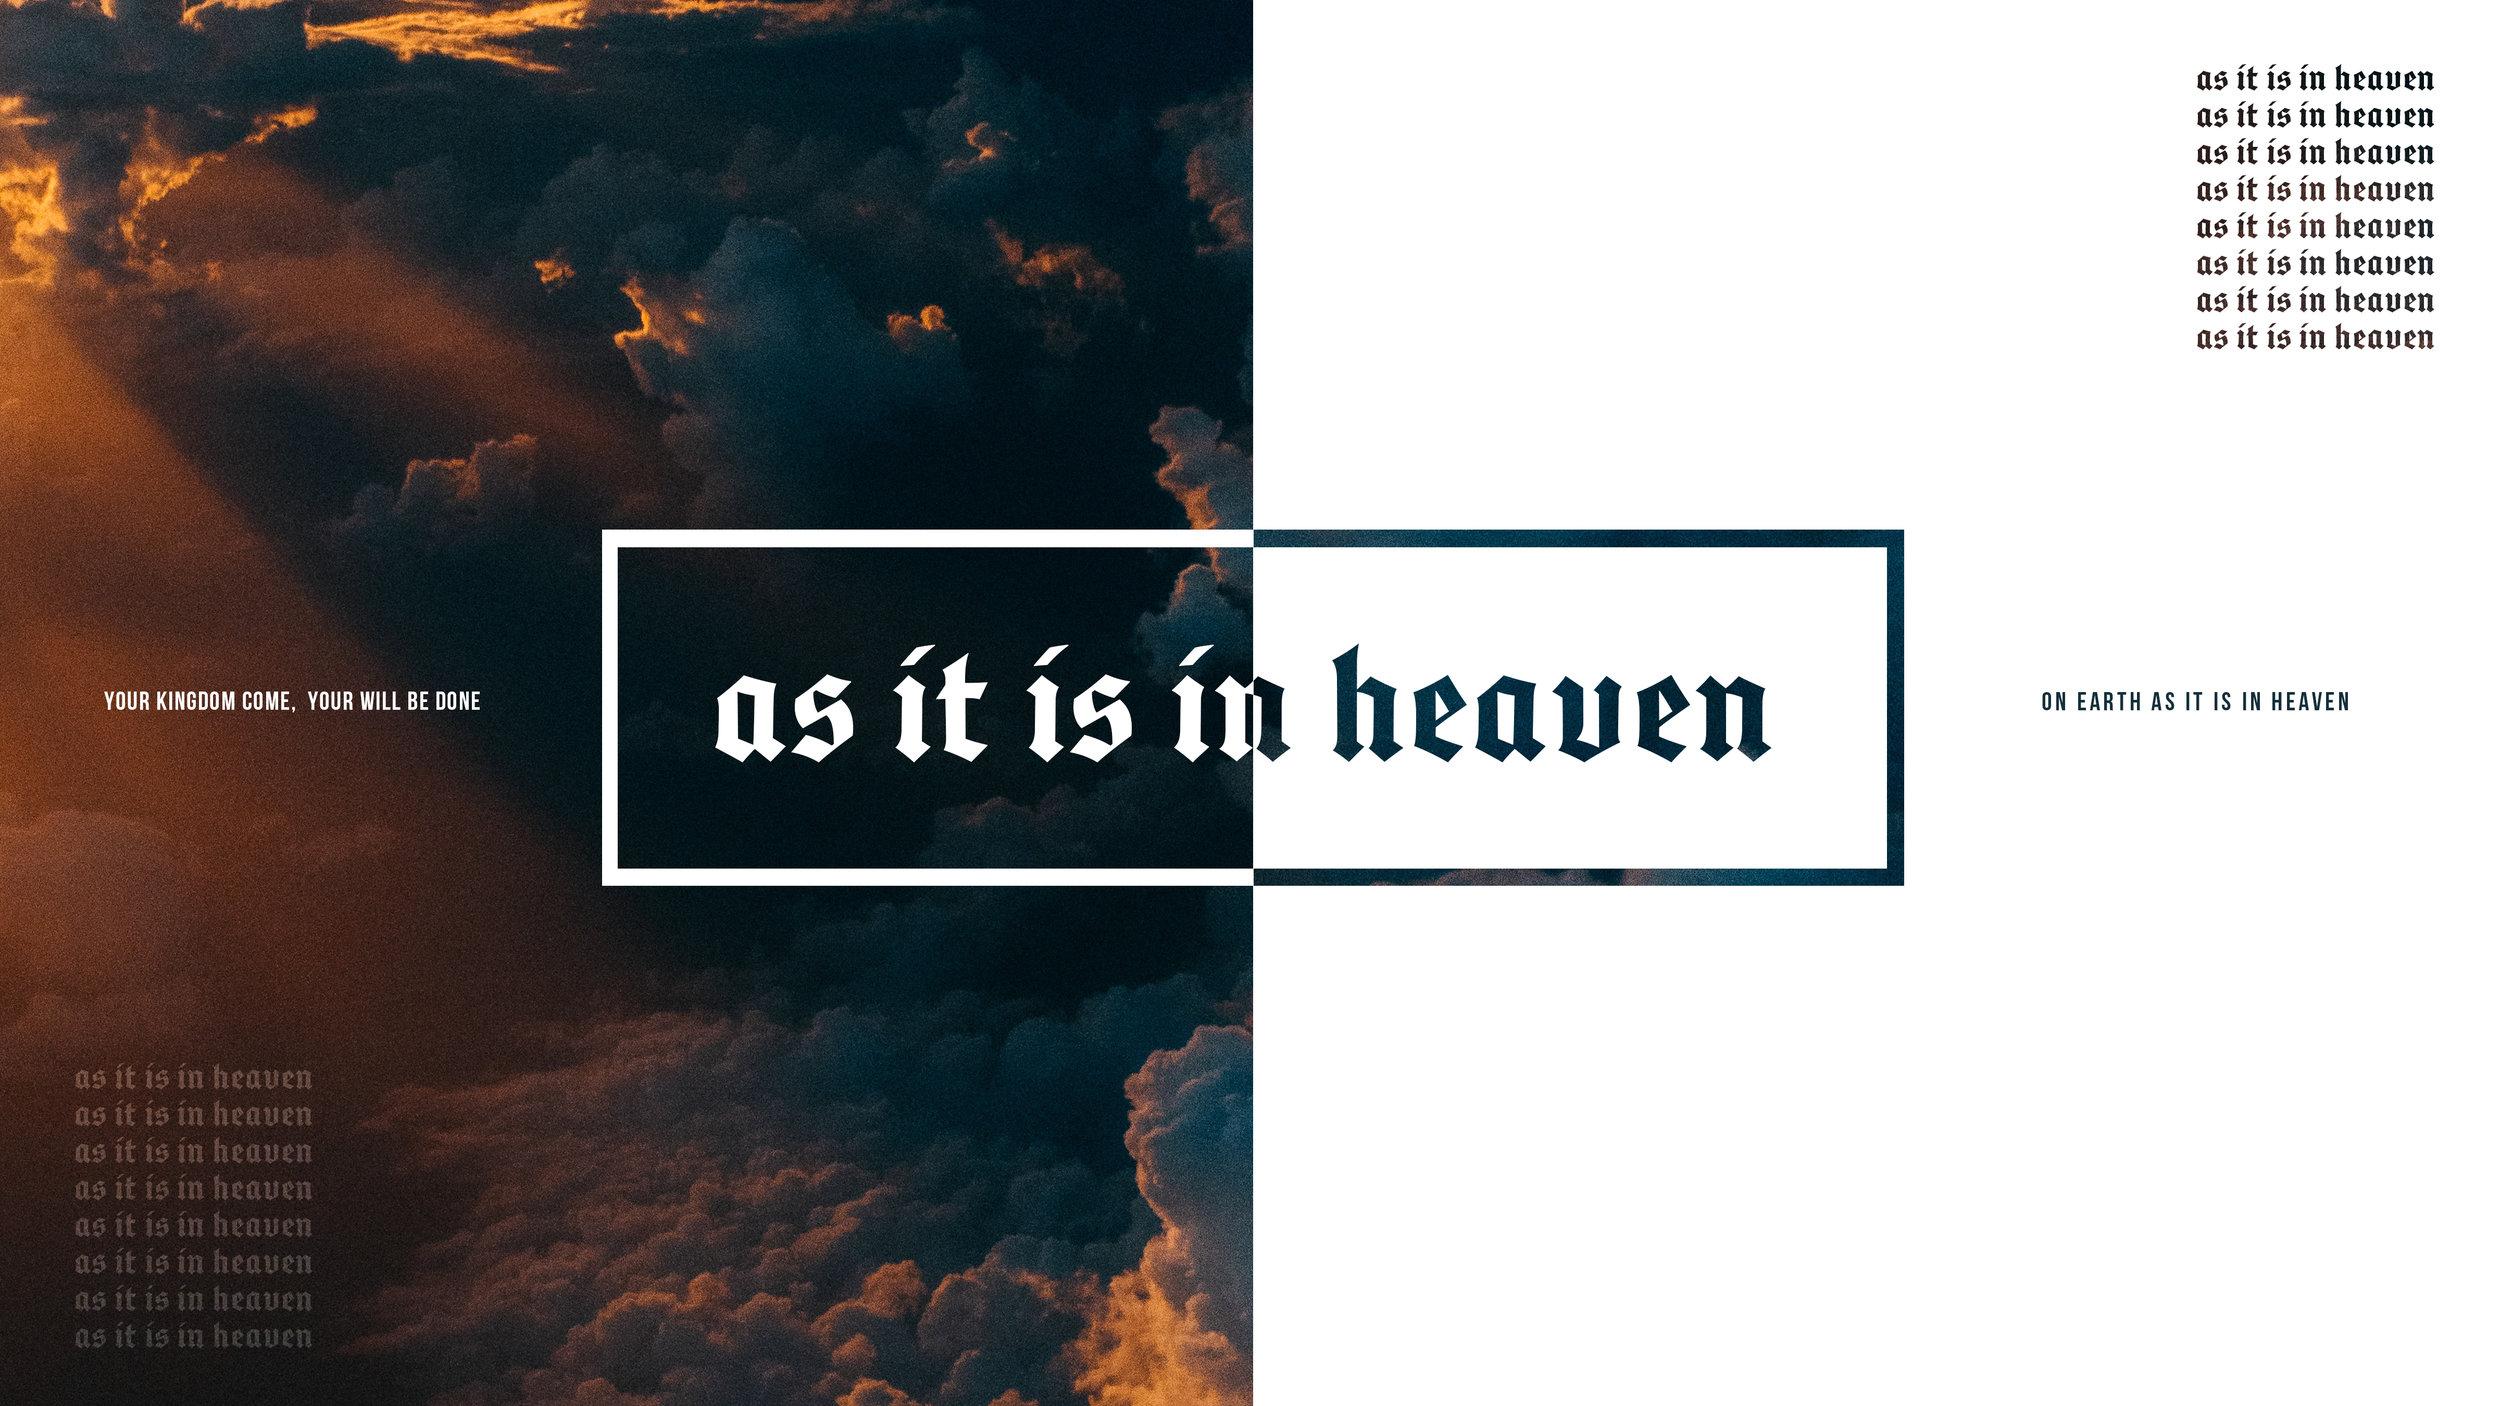 as it is in heaven_1.jpg